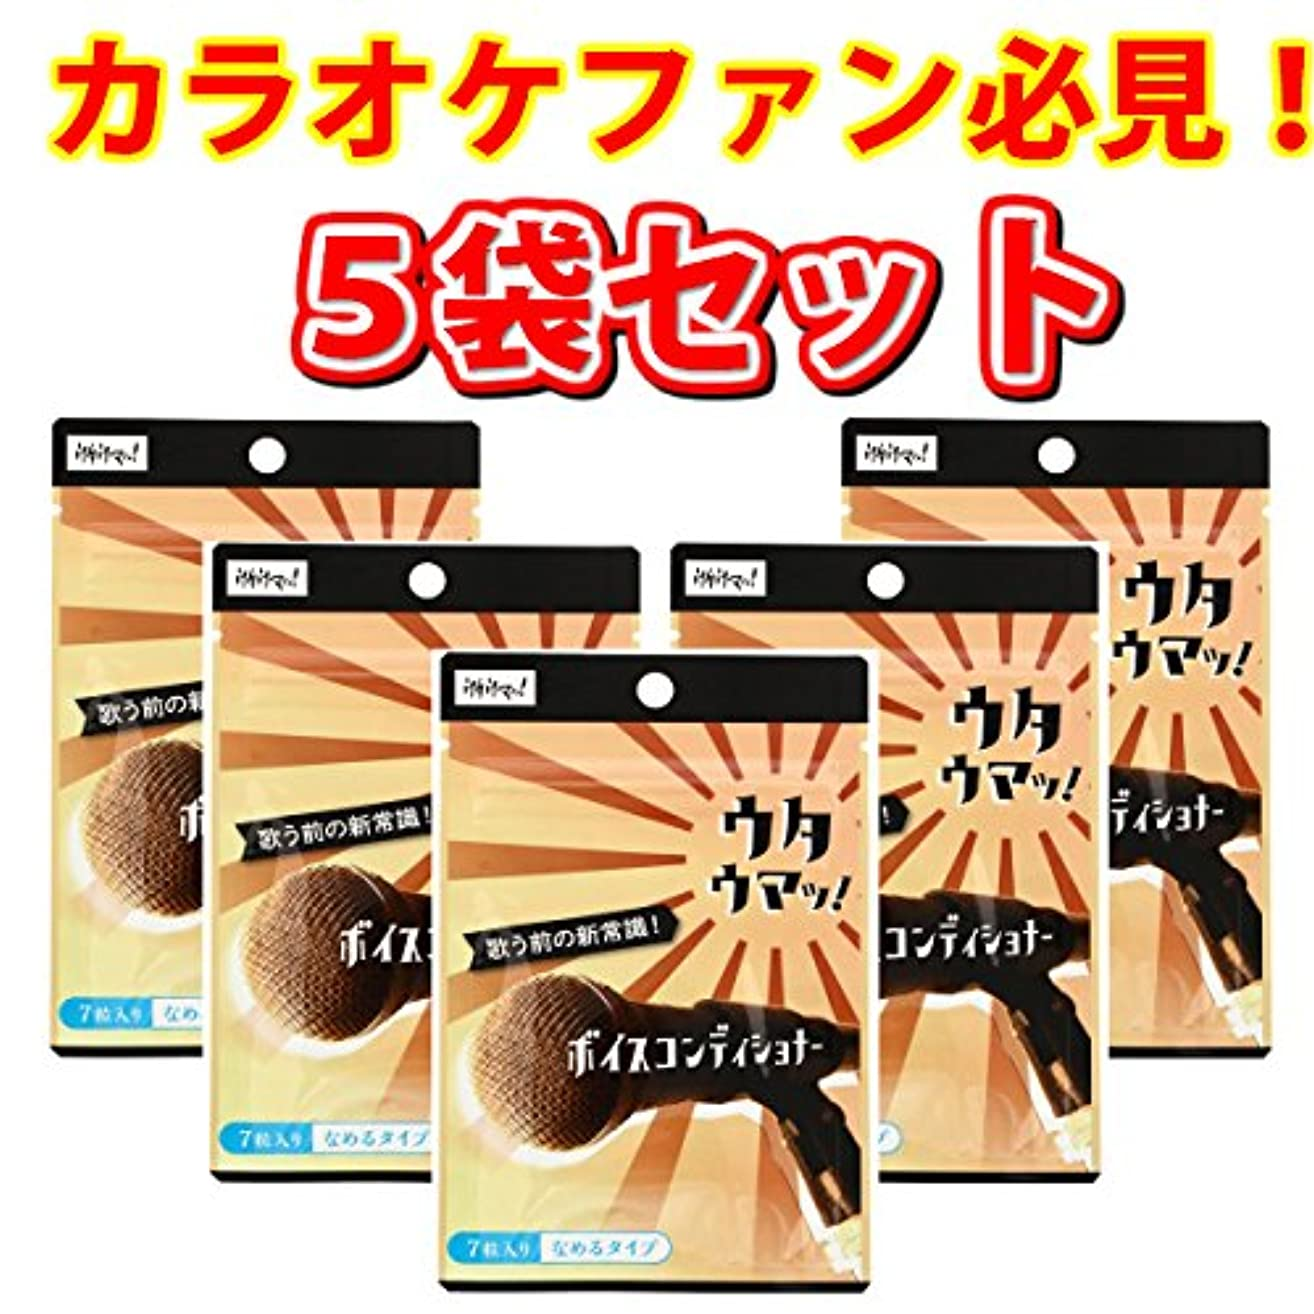 キャロライン乱闘談話カラオケサプリの決定版 《ボイスコンディショナー》 ウタウマッ!お得な5袋セット